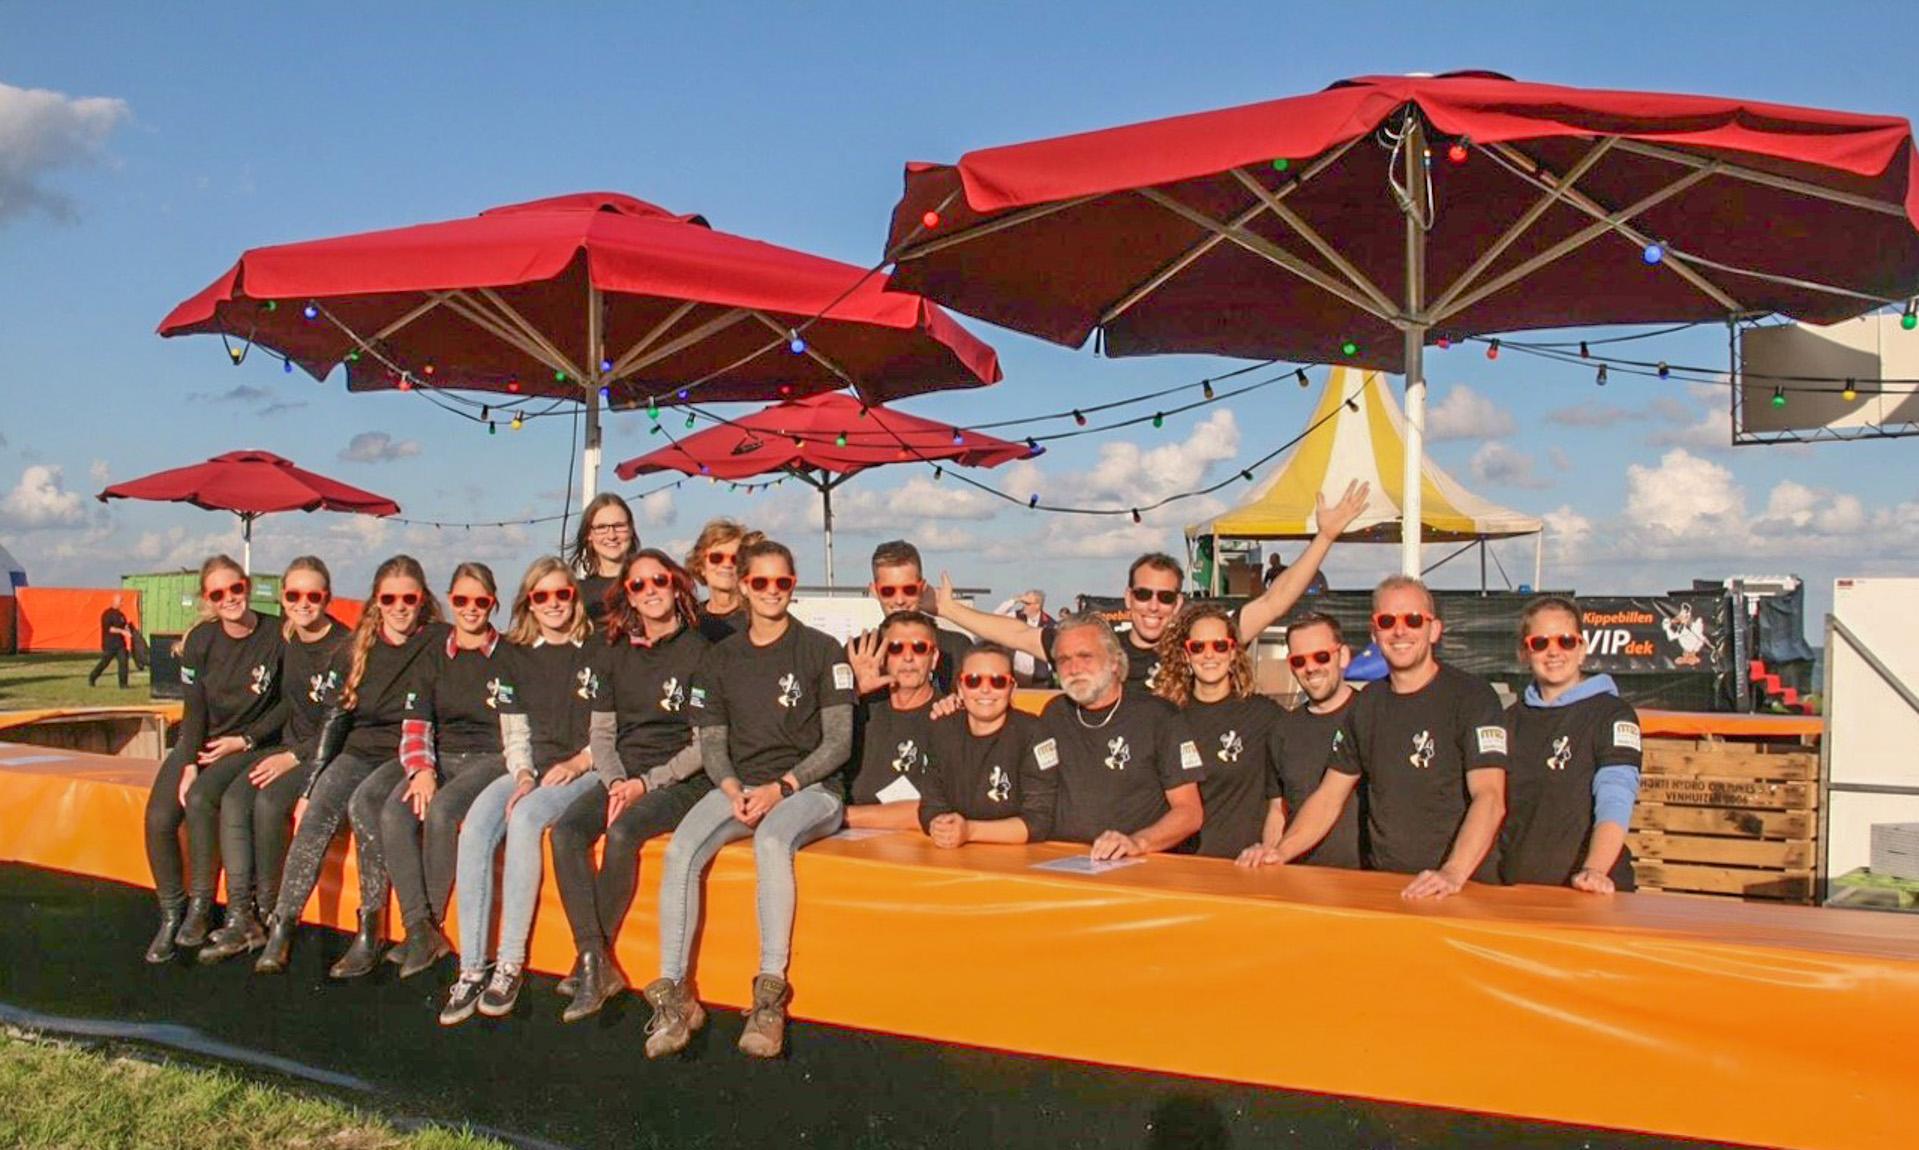 Kippebillen Strandparty maakt zich op voor editie 2017